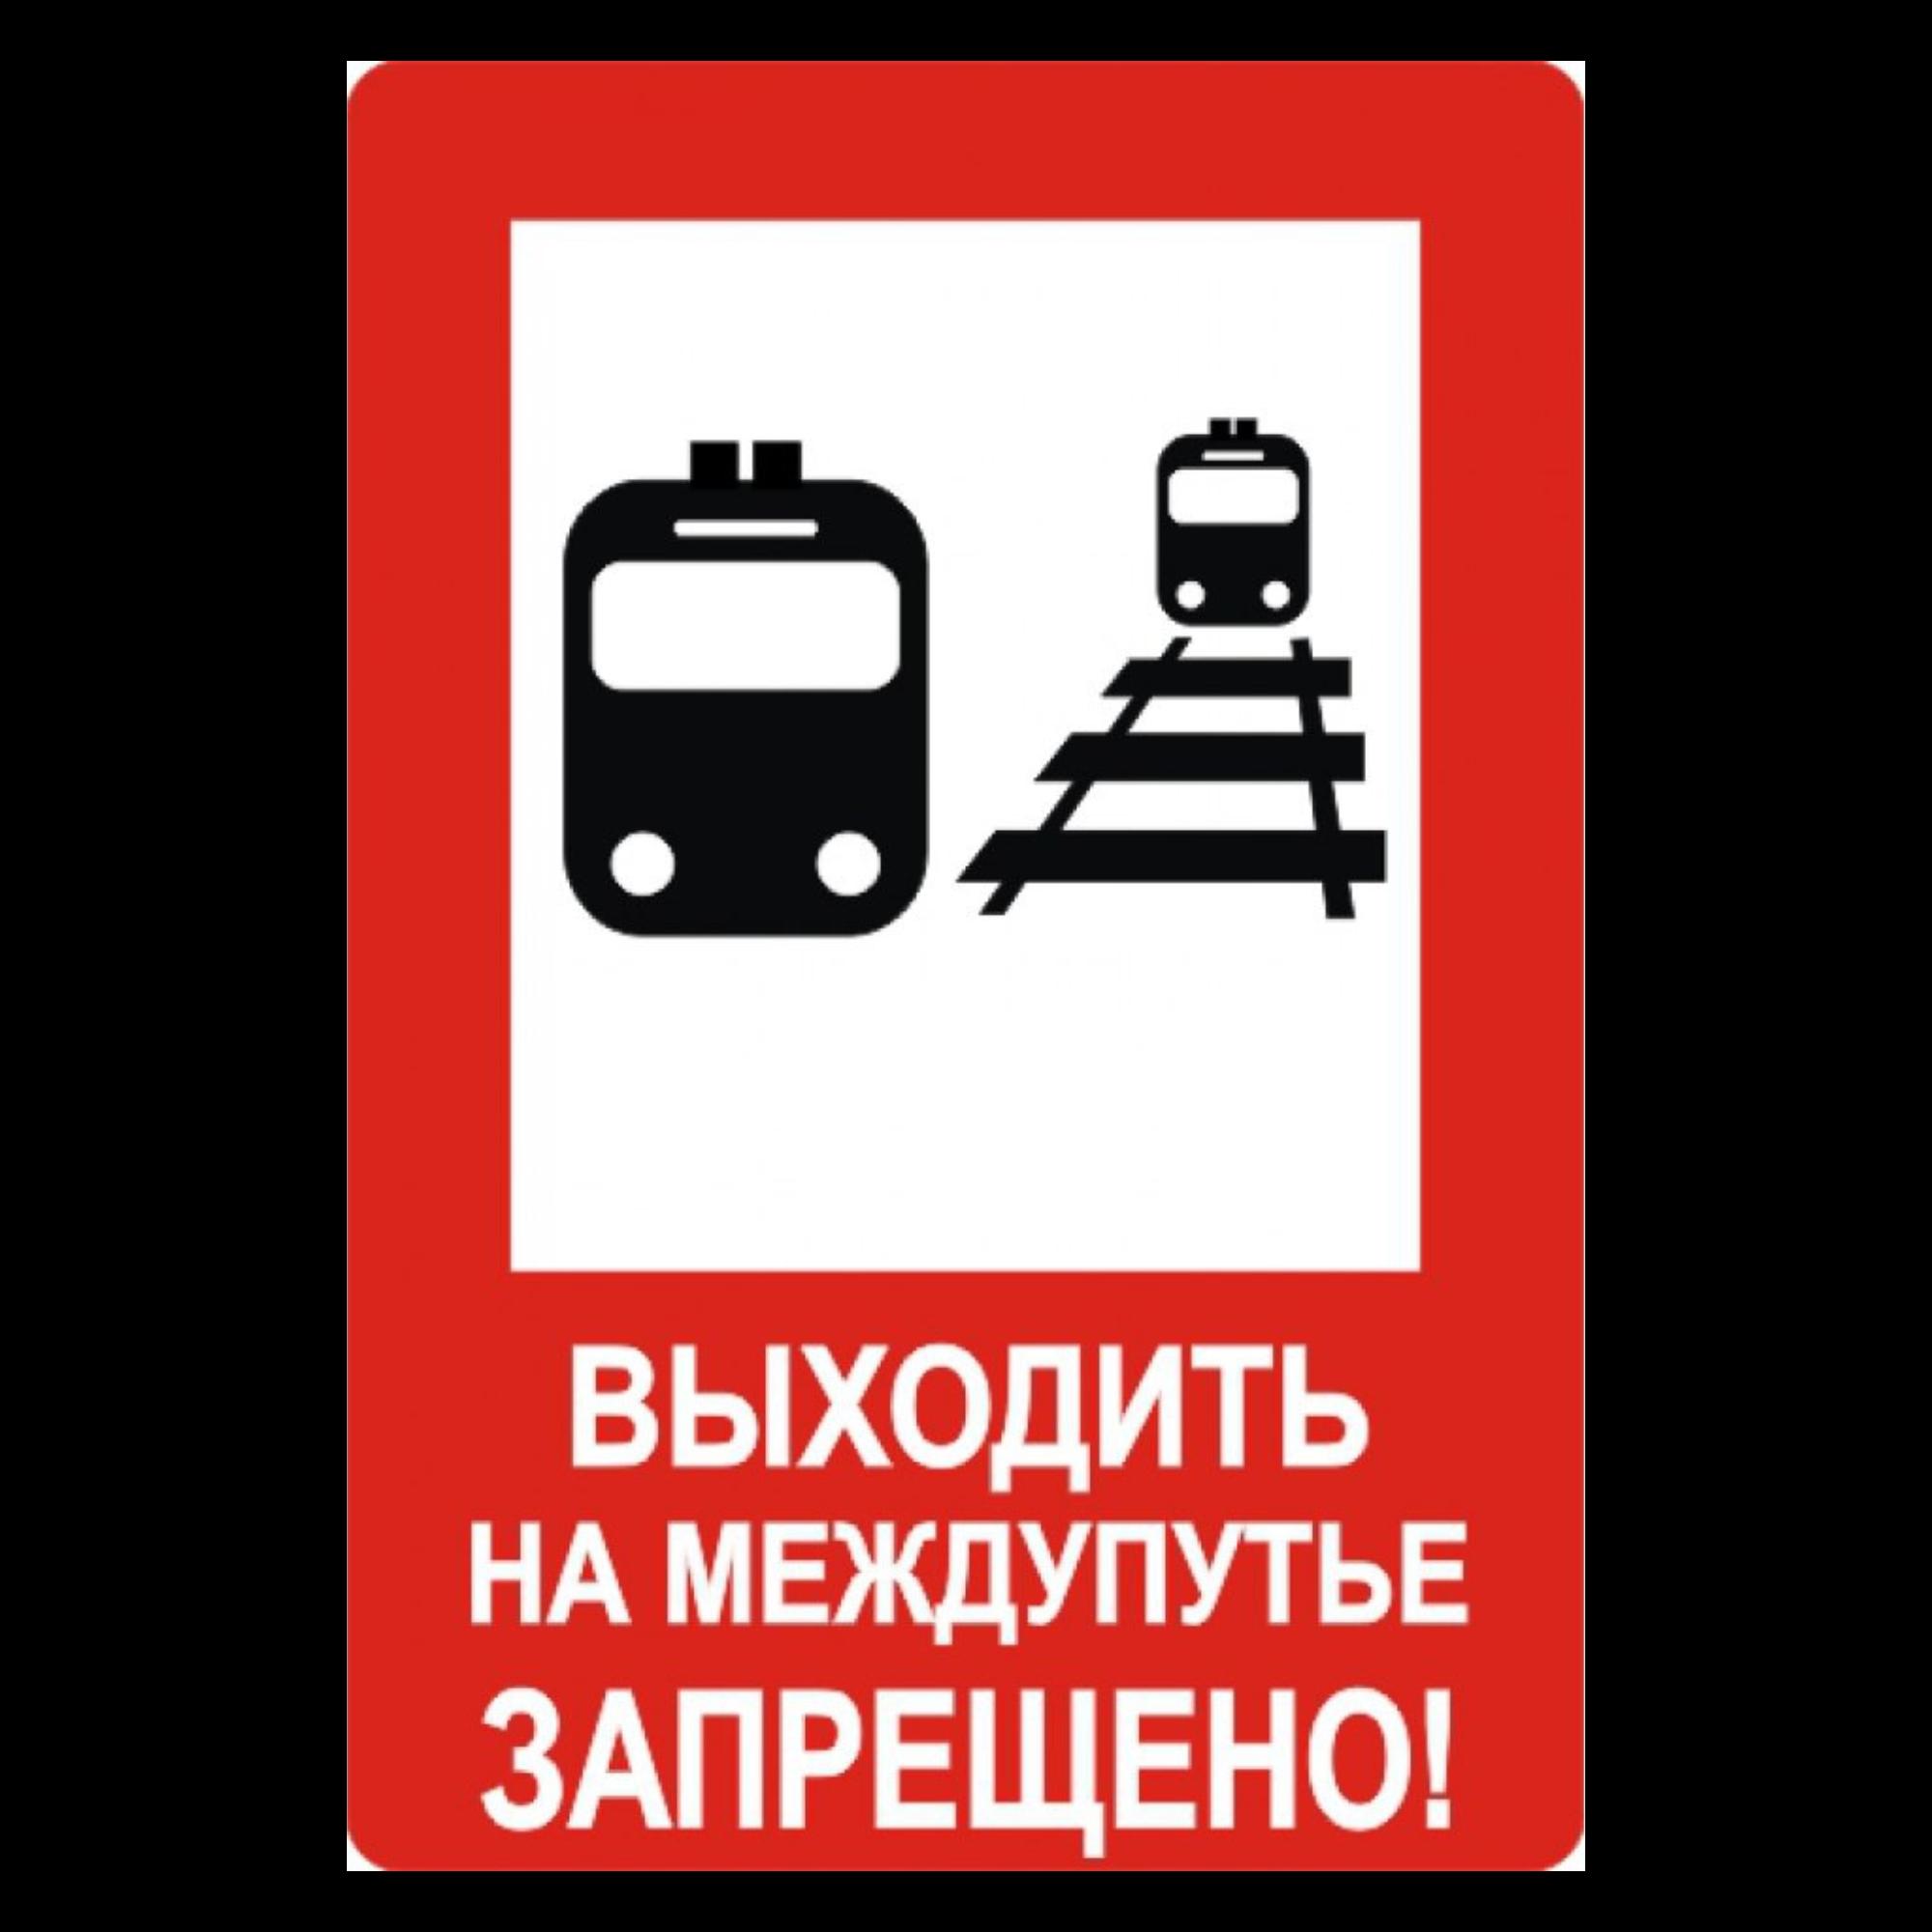 """Знак """"Выходить на межпутье запрещено"""""""